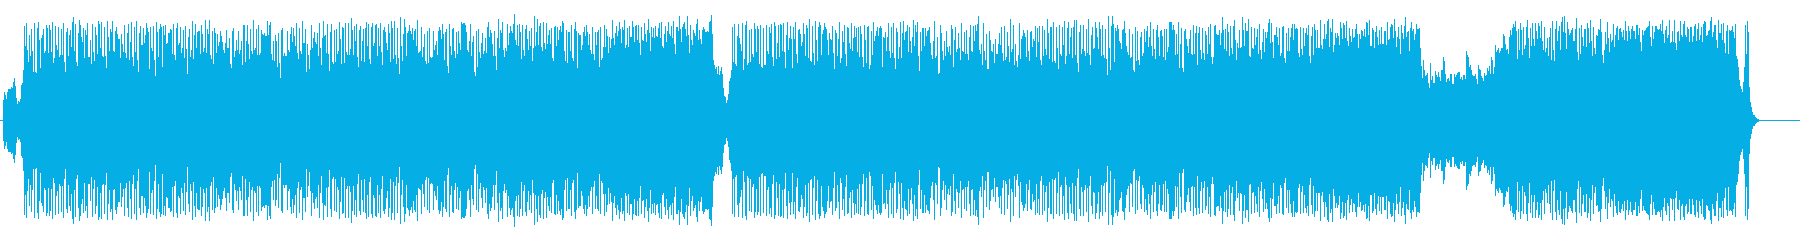 町に飛び出す様なポップ(フルサイズ)の再生済みの波形